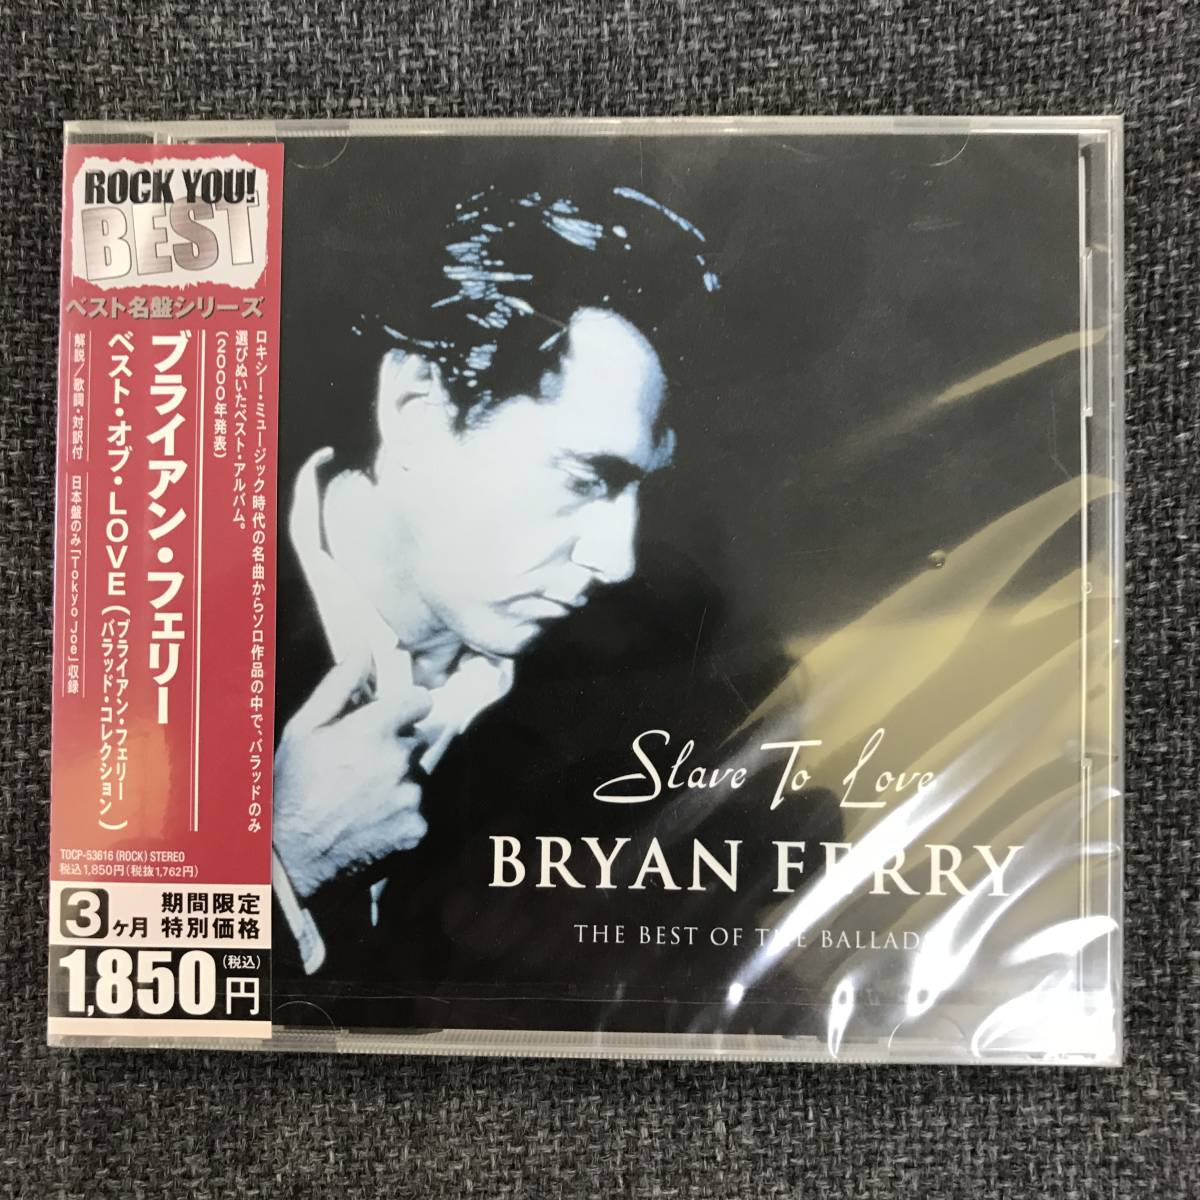 新品未開封CD☆ブライアン・フェリー ブライアン・フェリー≪3ヶ月期間限定盤≫ /<TOCP53616>.